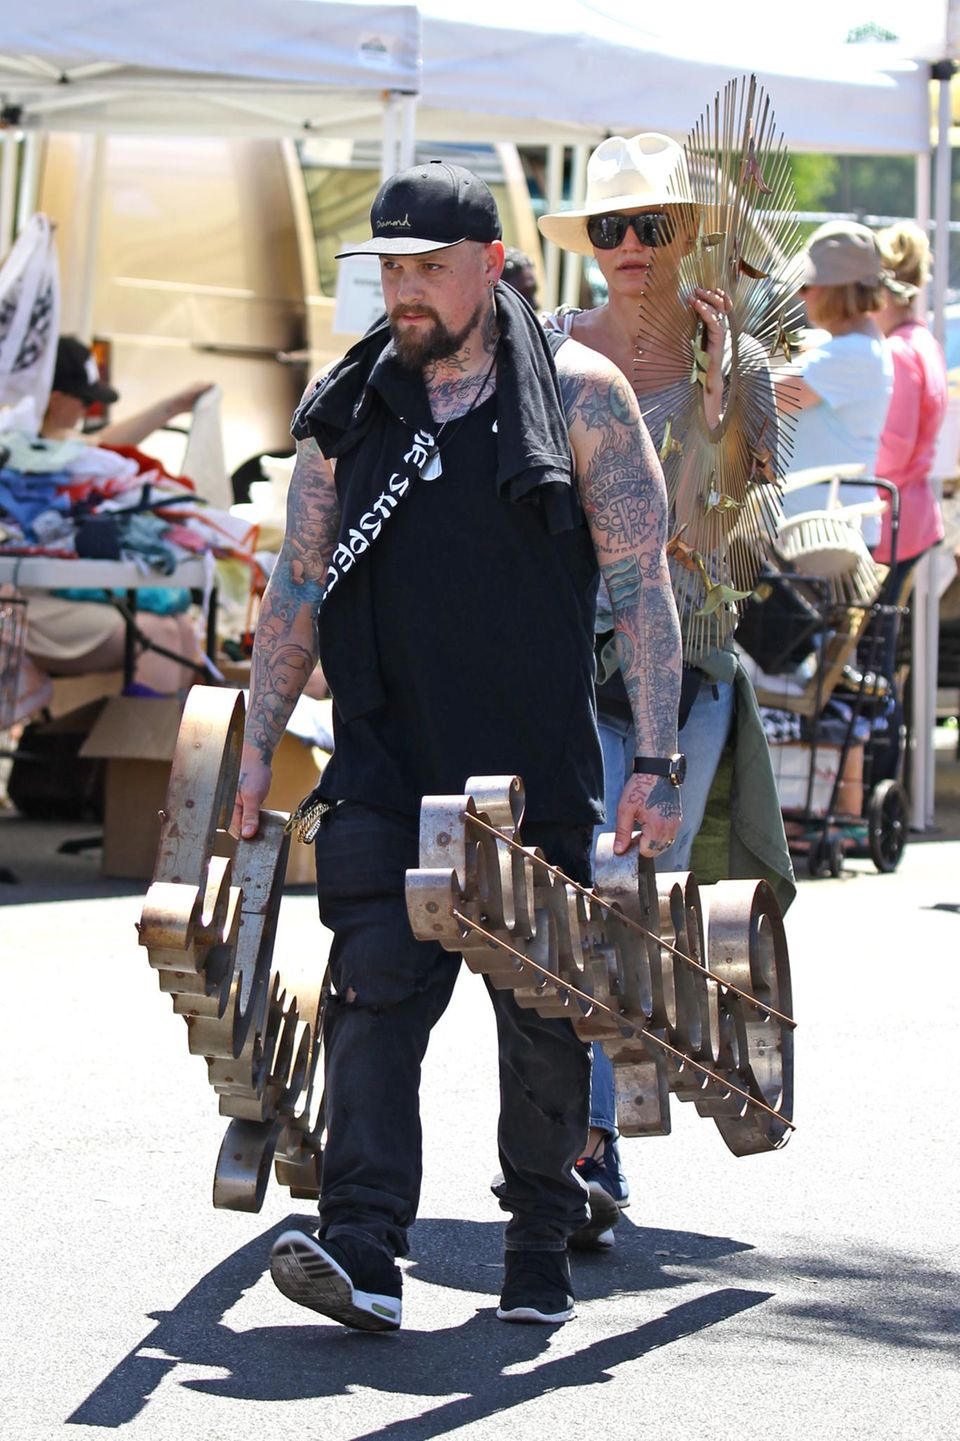 15. August 2016: Benji Madden und Cameron Diaz sind auf dem Flohmarkt in Pasadena fündig geworden und bringen ihre erbeuteten Schnäppchen schnell nach Hause.